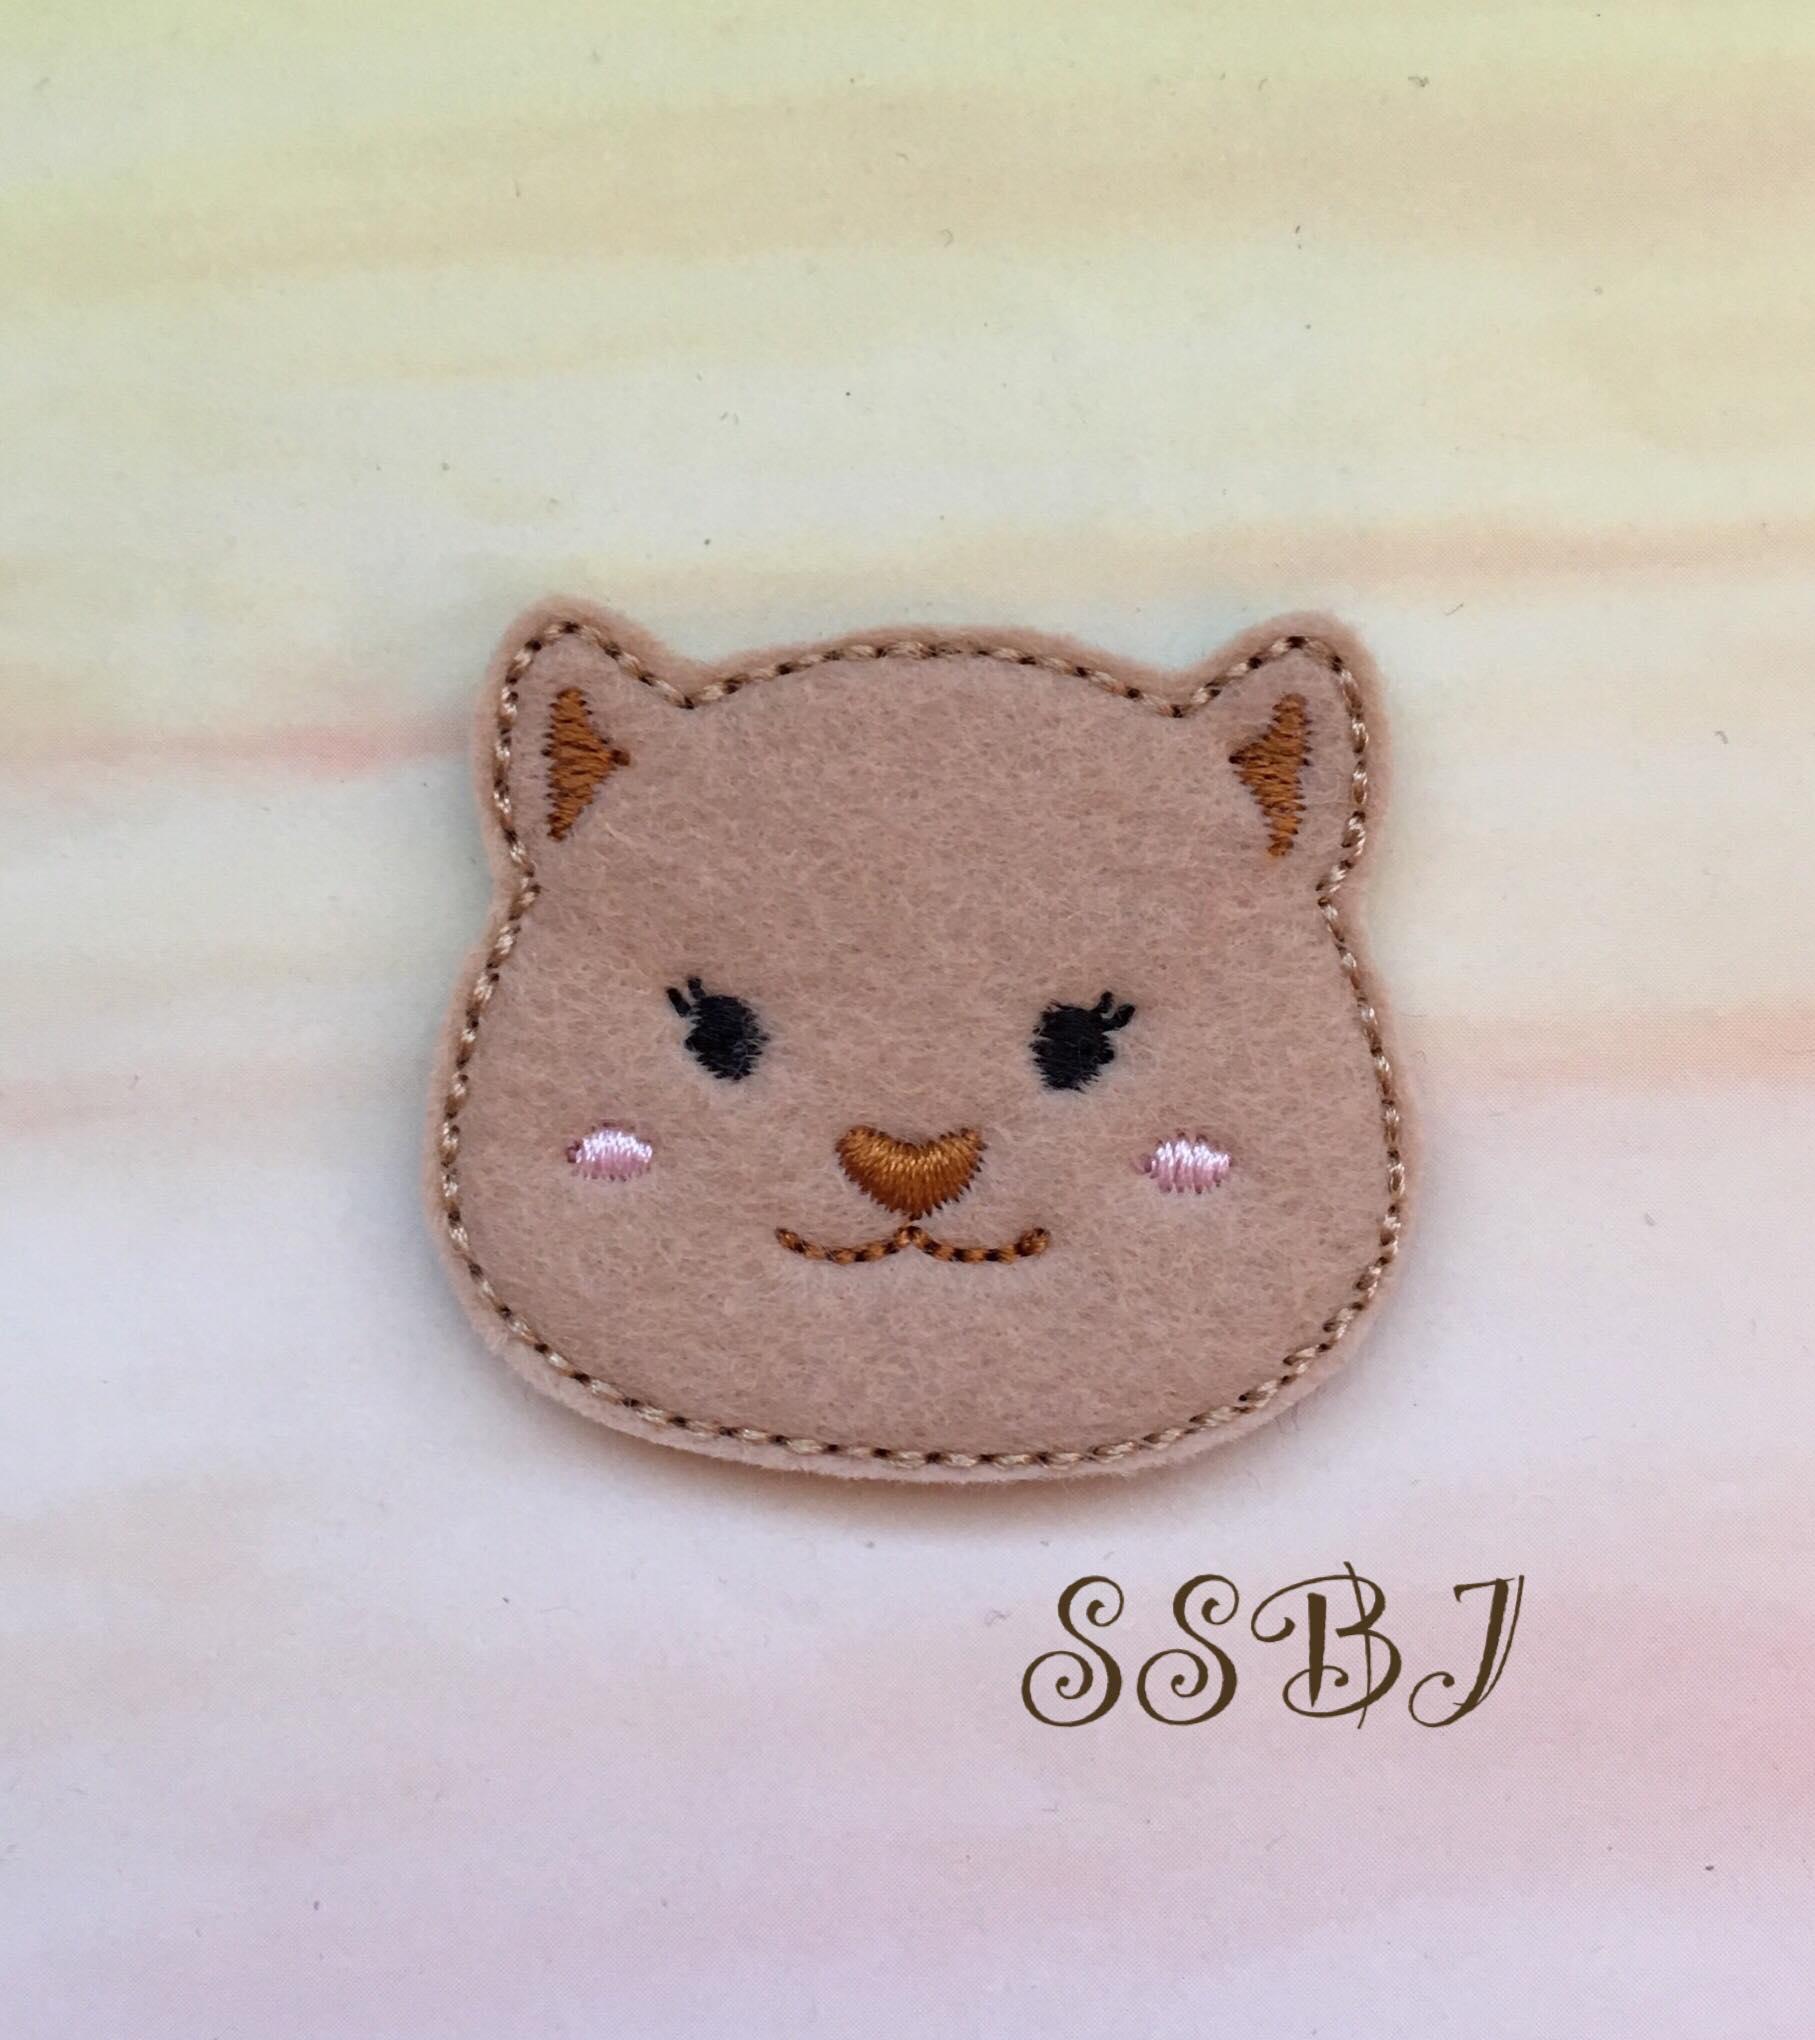 SSBJ Lion Friends Nala Embroidery File